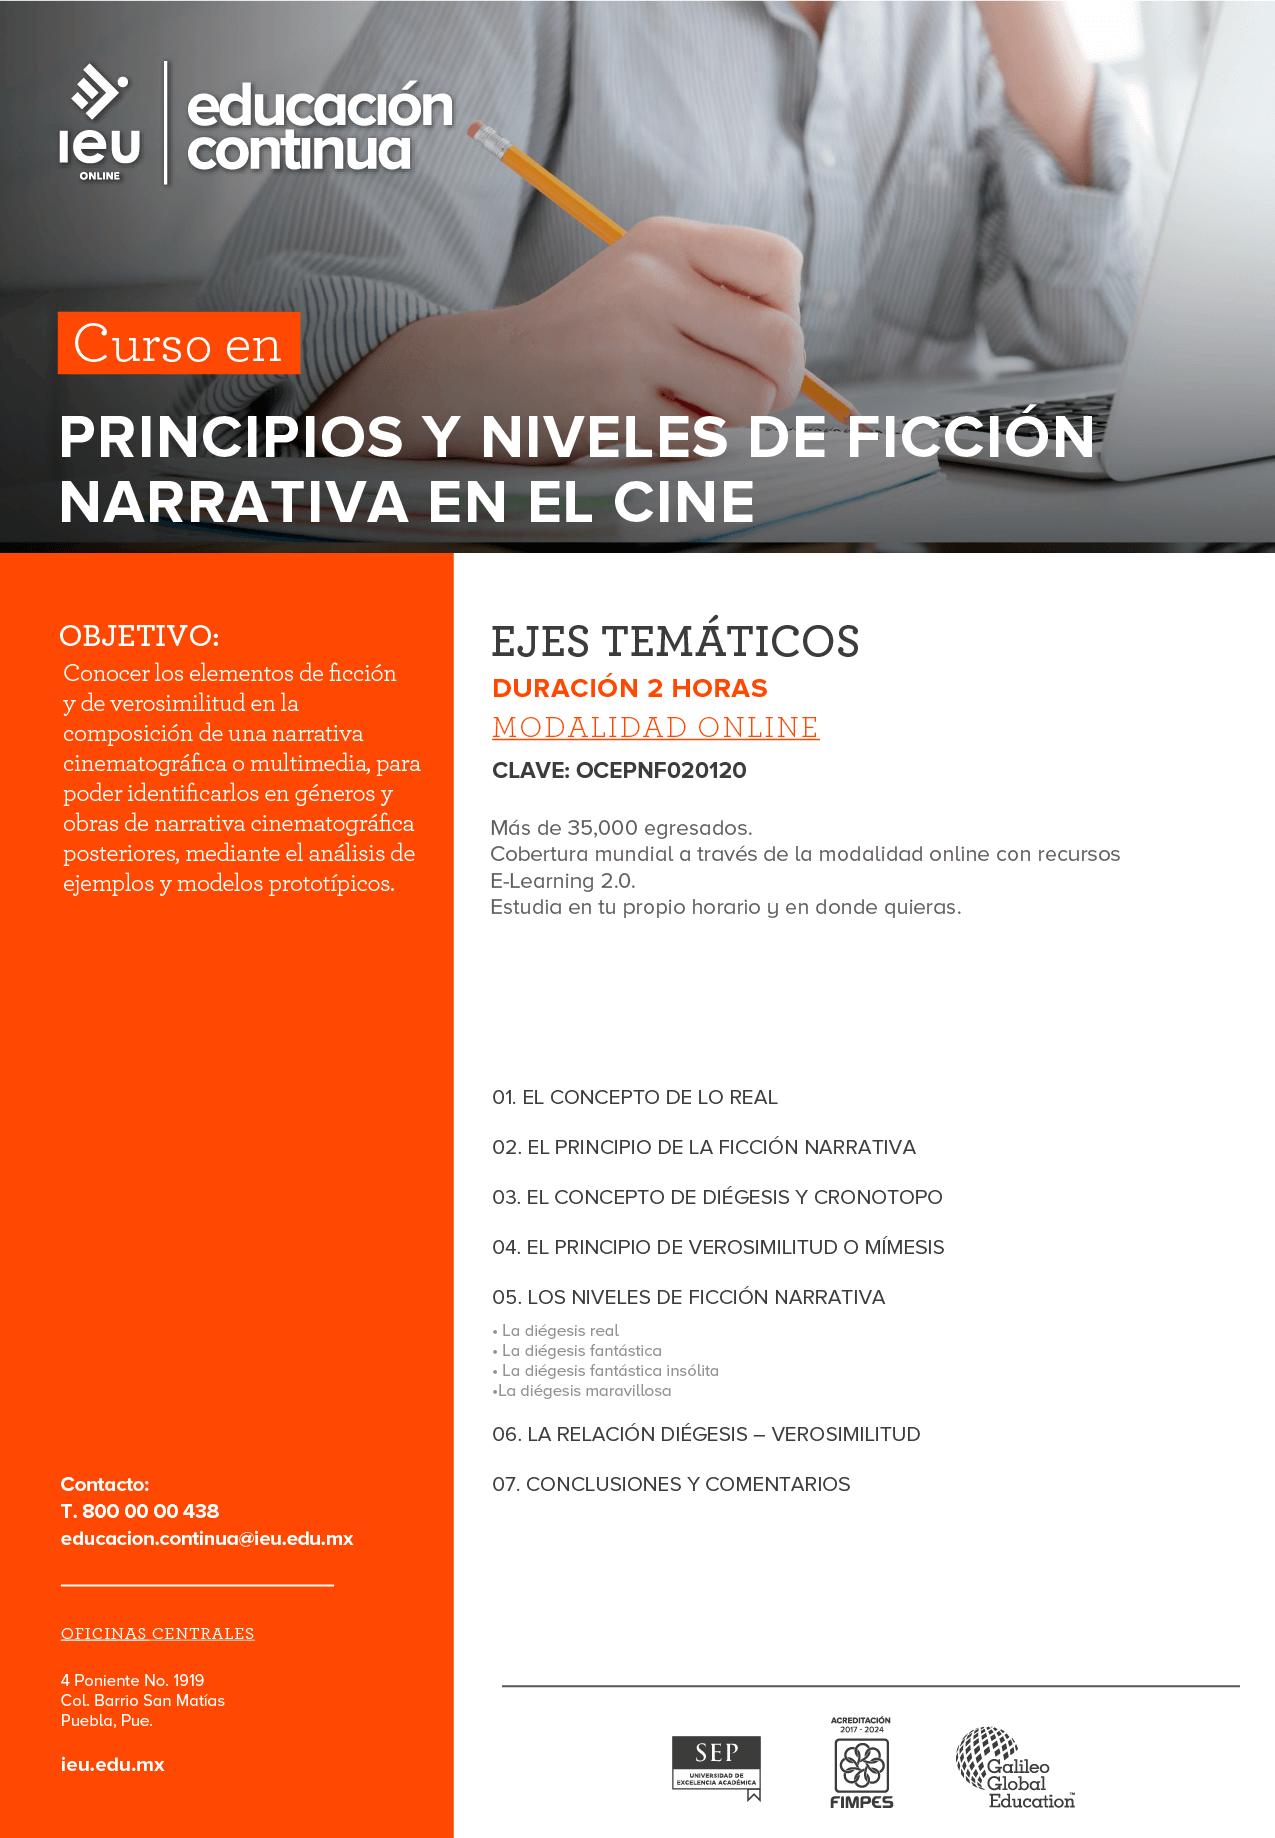 Principios y niveles de ficción narrativa en el cine